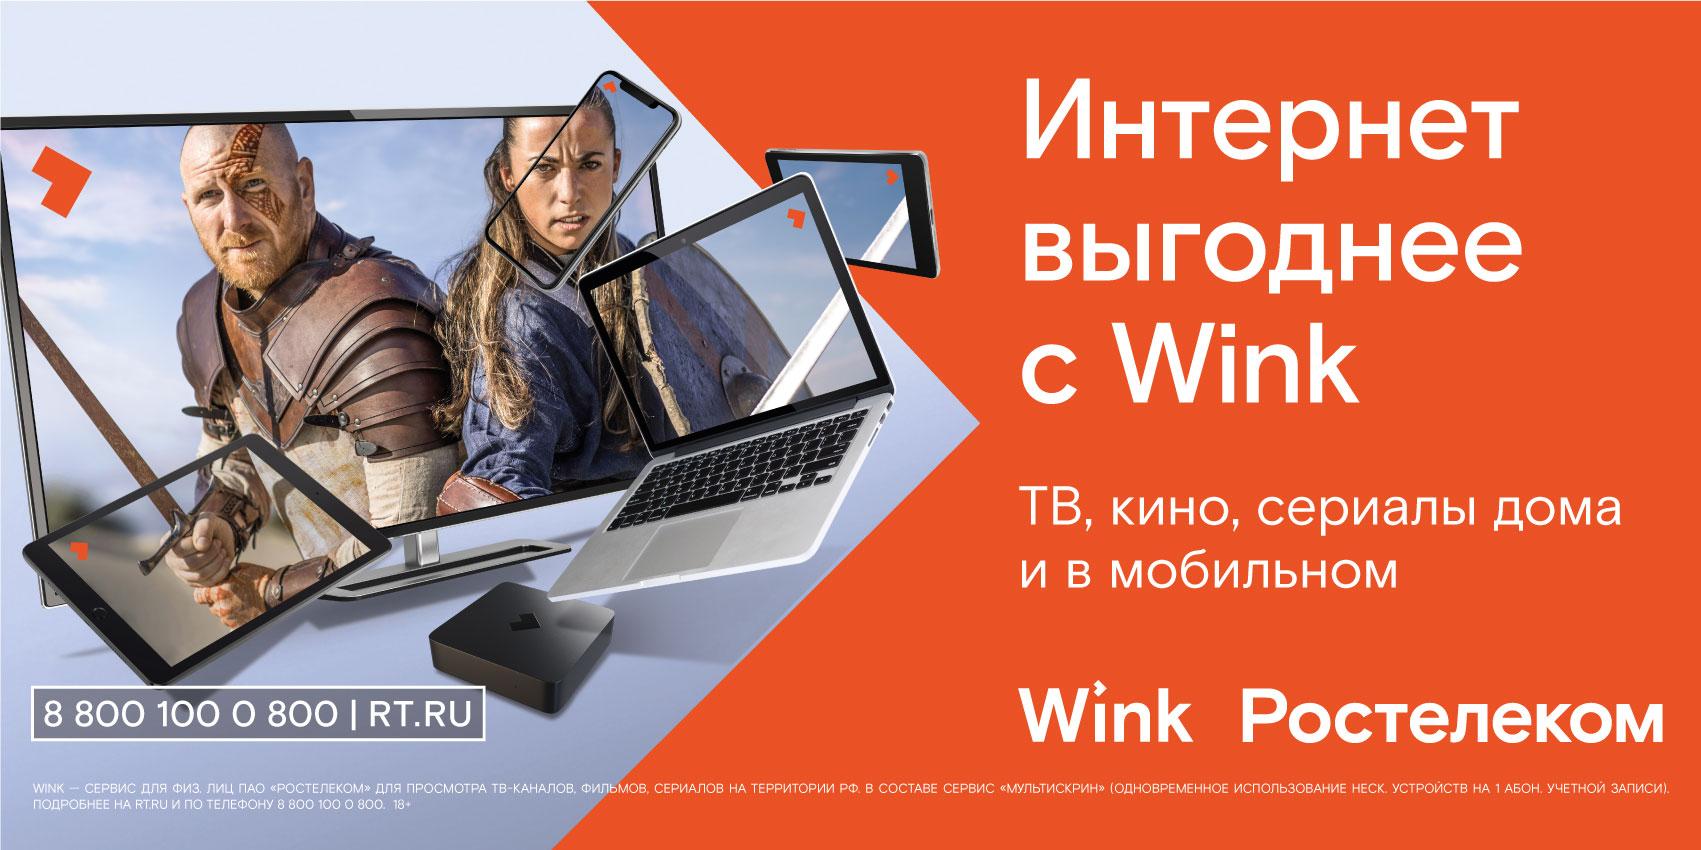 Ростелеком в Приангарье предлагает подключить впечатления от Wink и интернет с выгодой